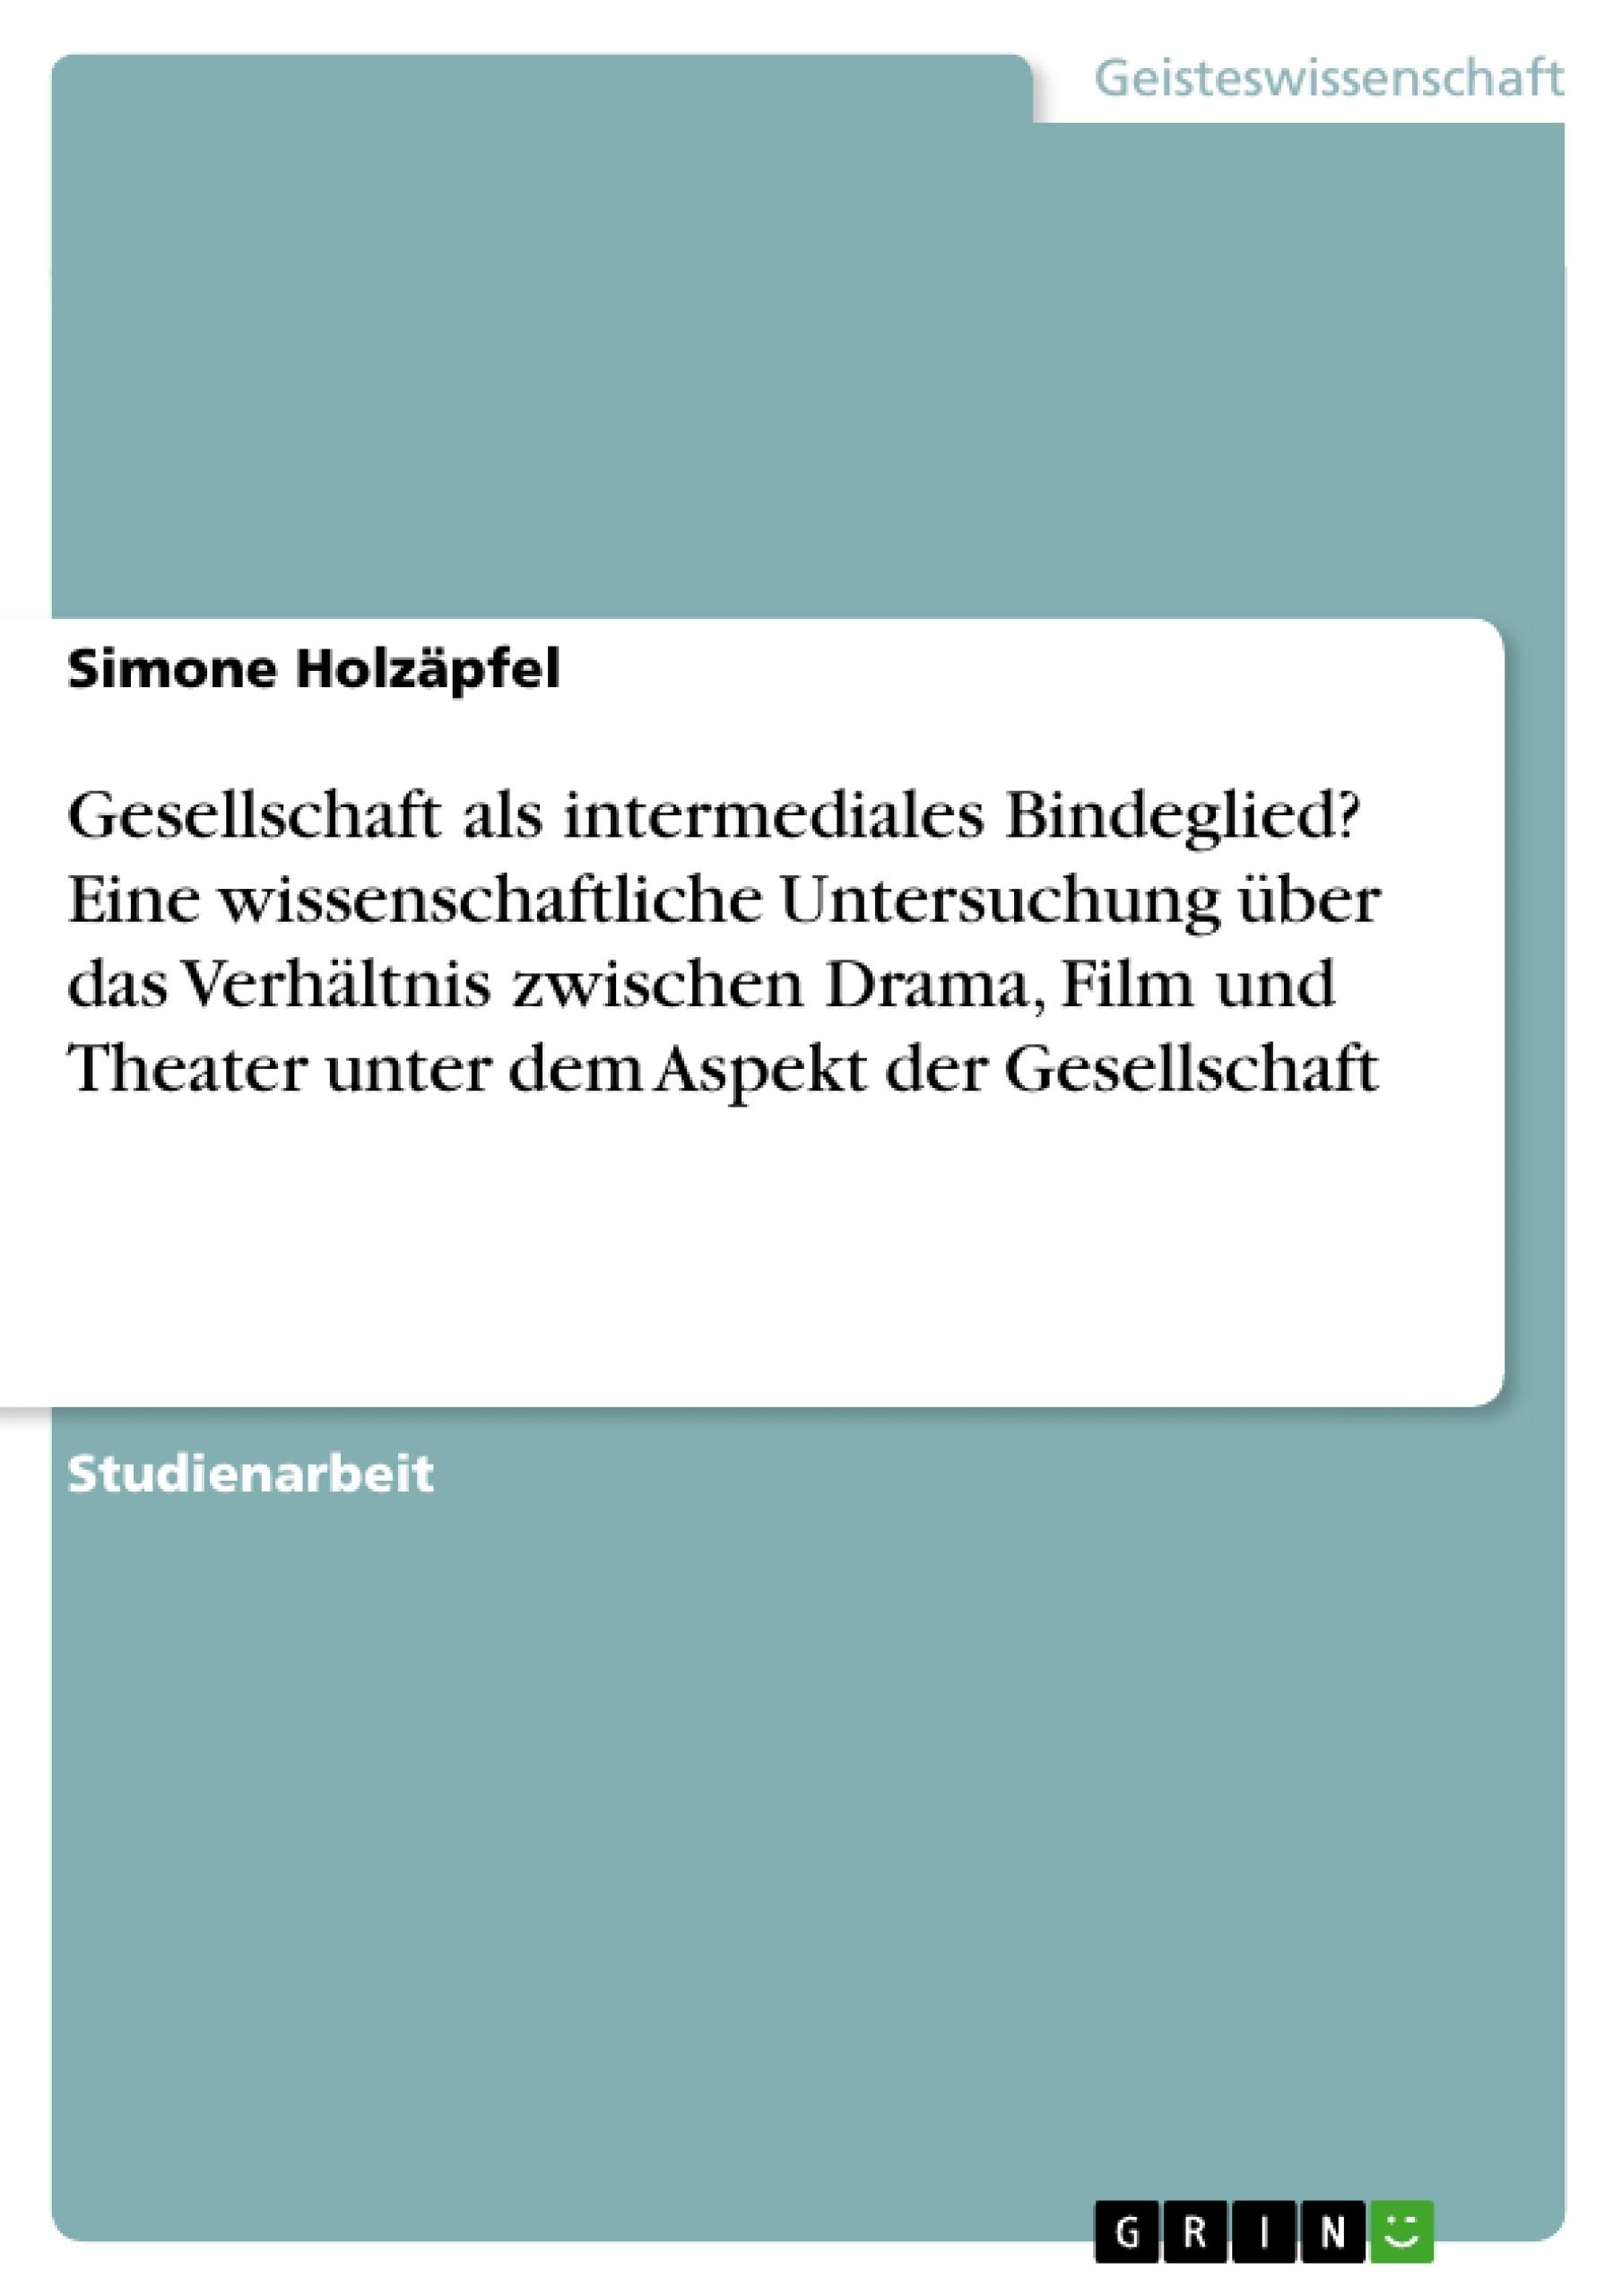 Titel: Gesellschaft als intermediales Bindeglied? Eine wissenschaftliche Untersuchung über das Verhältnis zwischen Drama, Film und Theater unter dem Aspekt der Gesellschaft